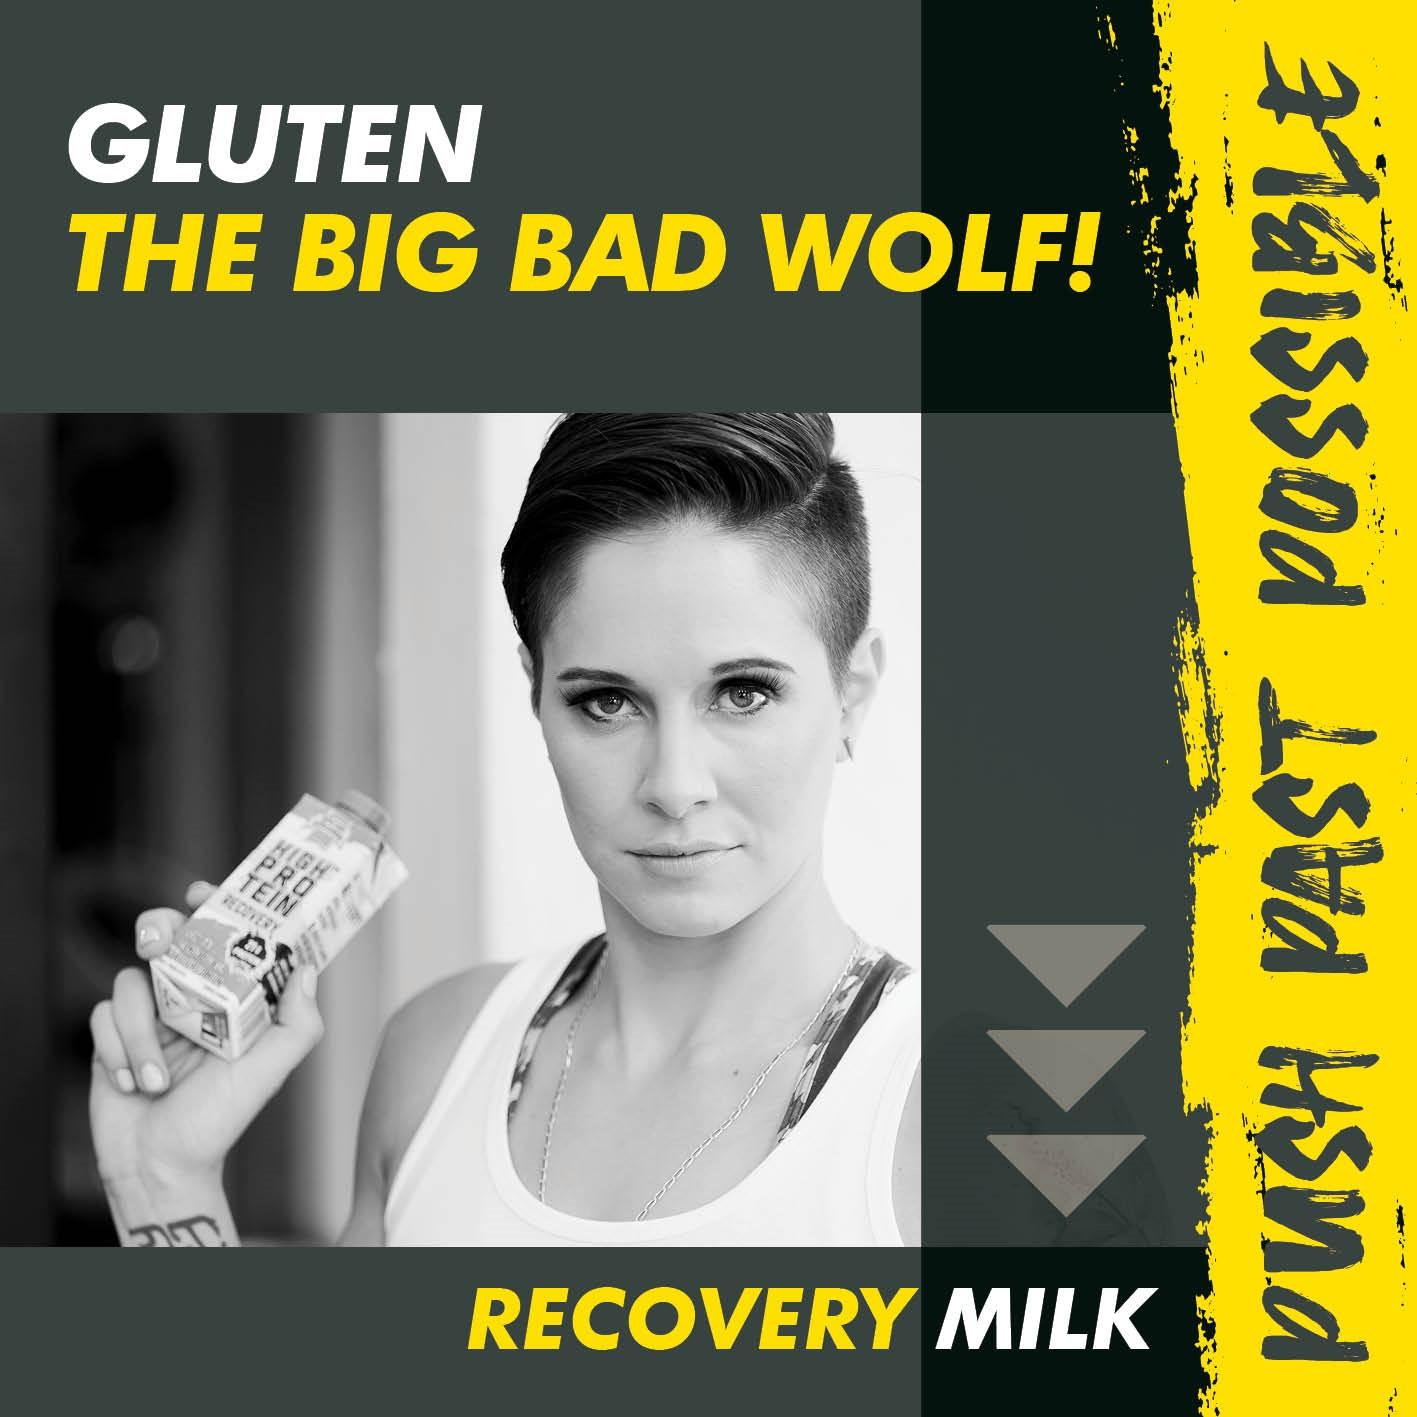 Gluten… the big bad wolf!